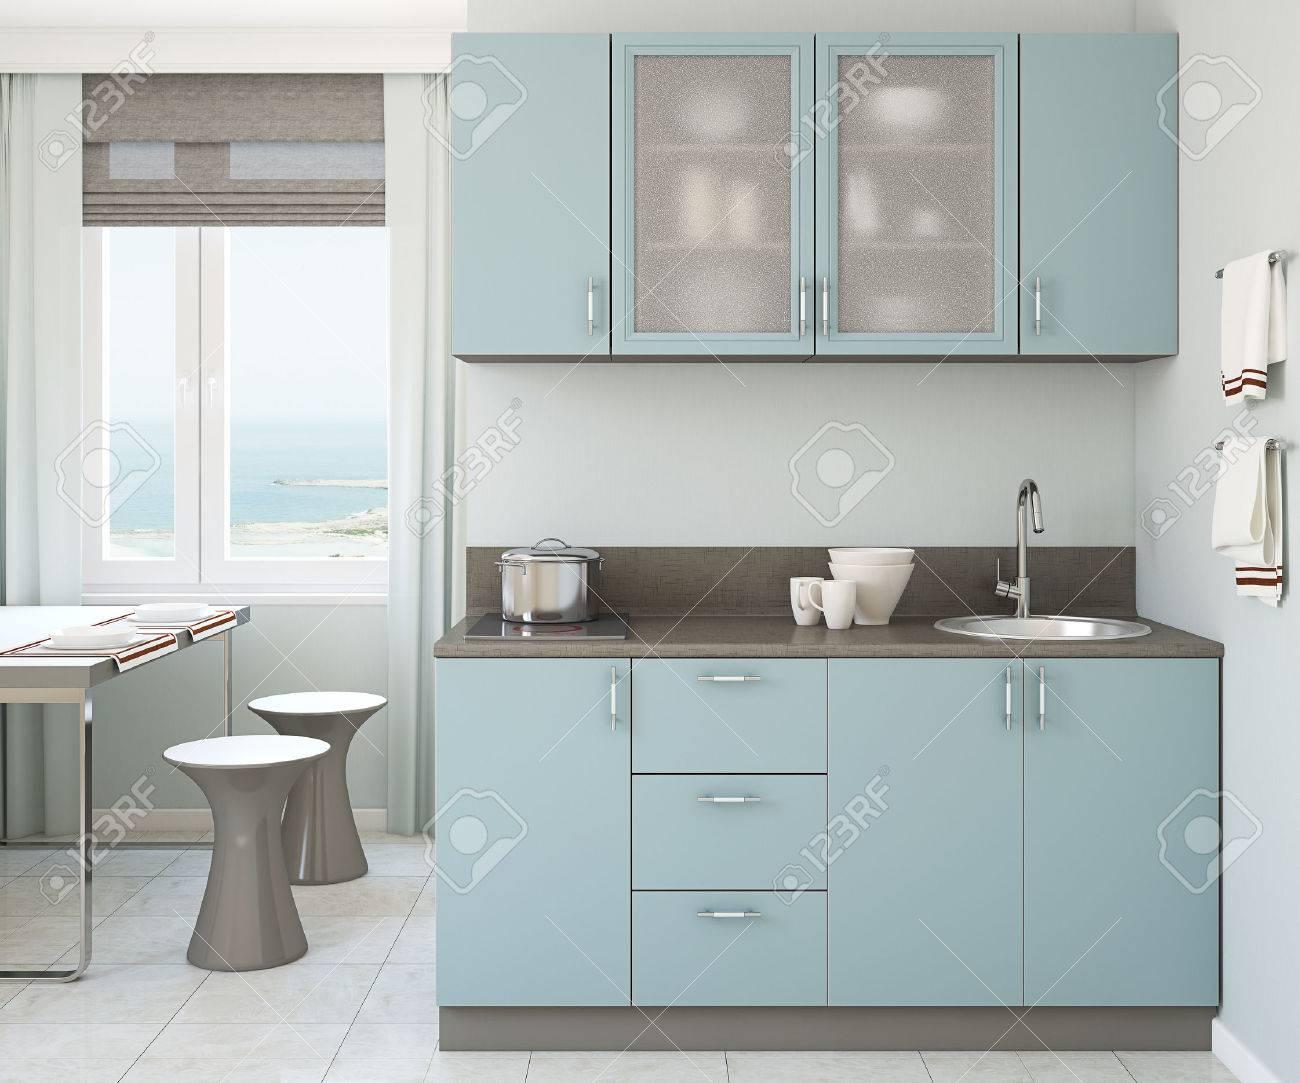 Moderne Kleine Blaue Kuche 3d Render Lizenzfreie Fotos Bilder Und